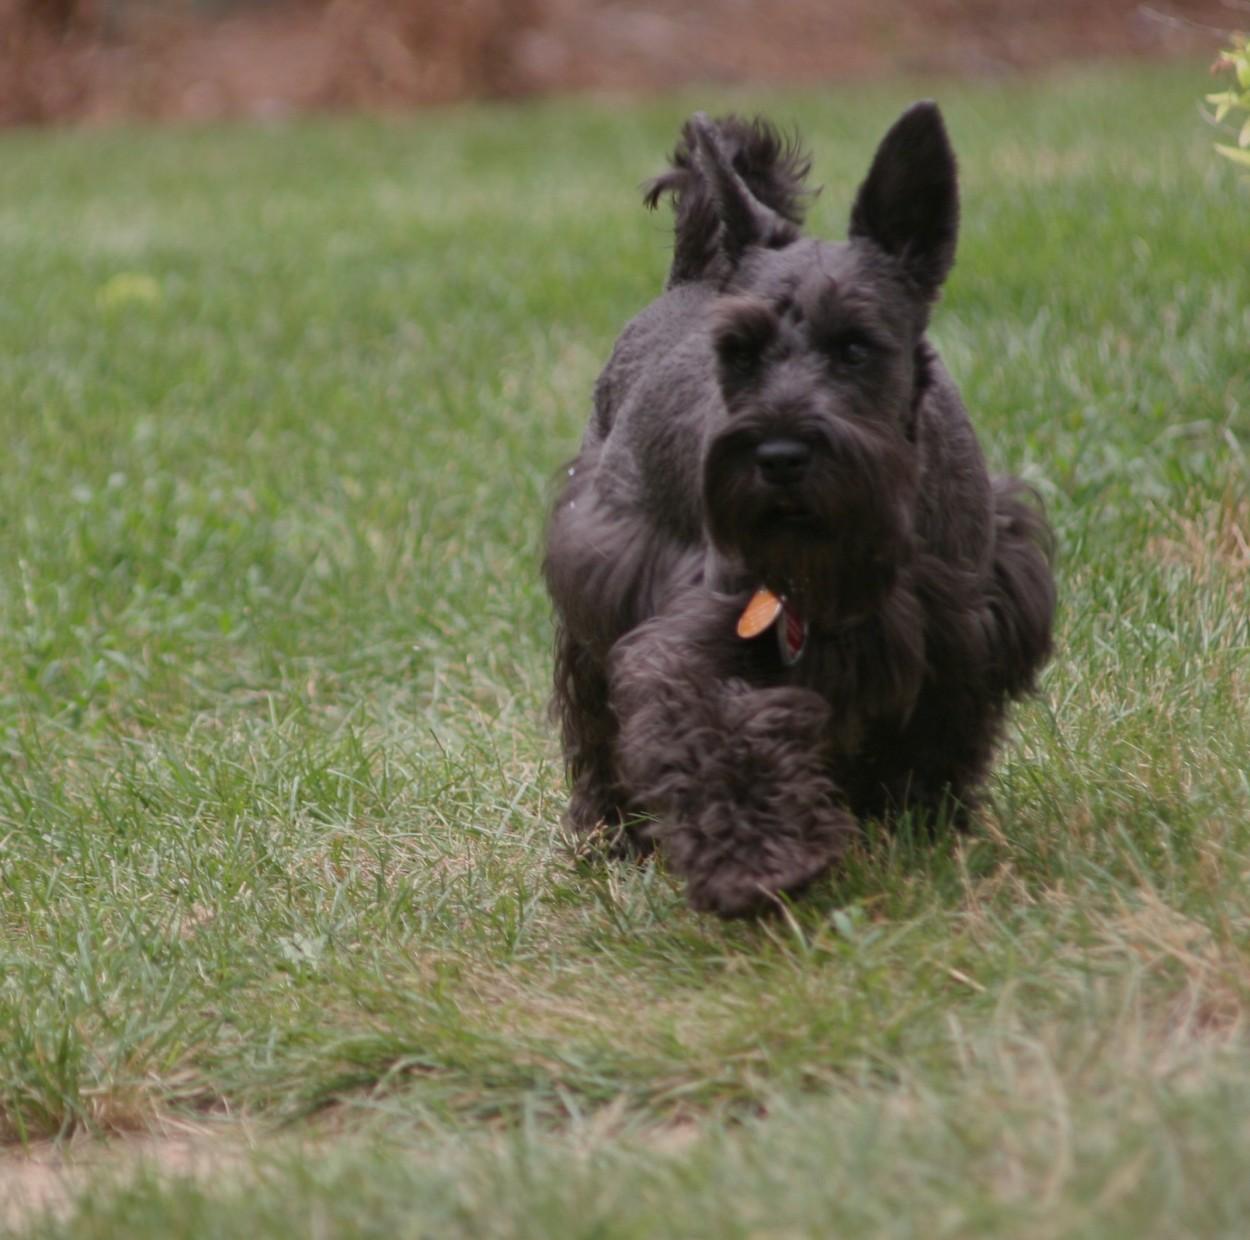 Auffenpinscher/Schnauzer mix, black dog,